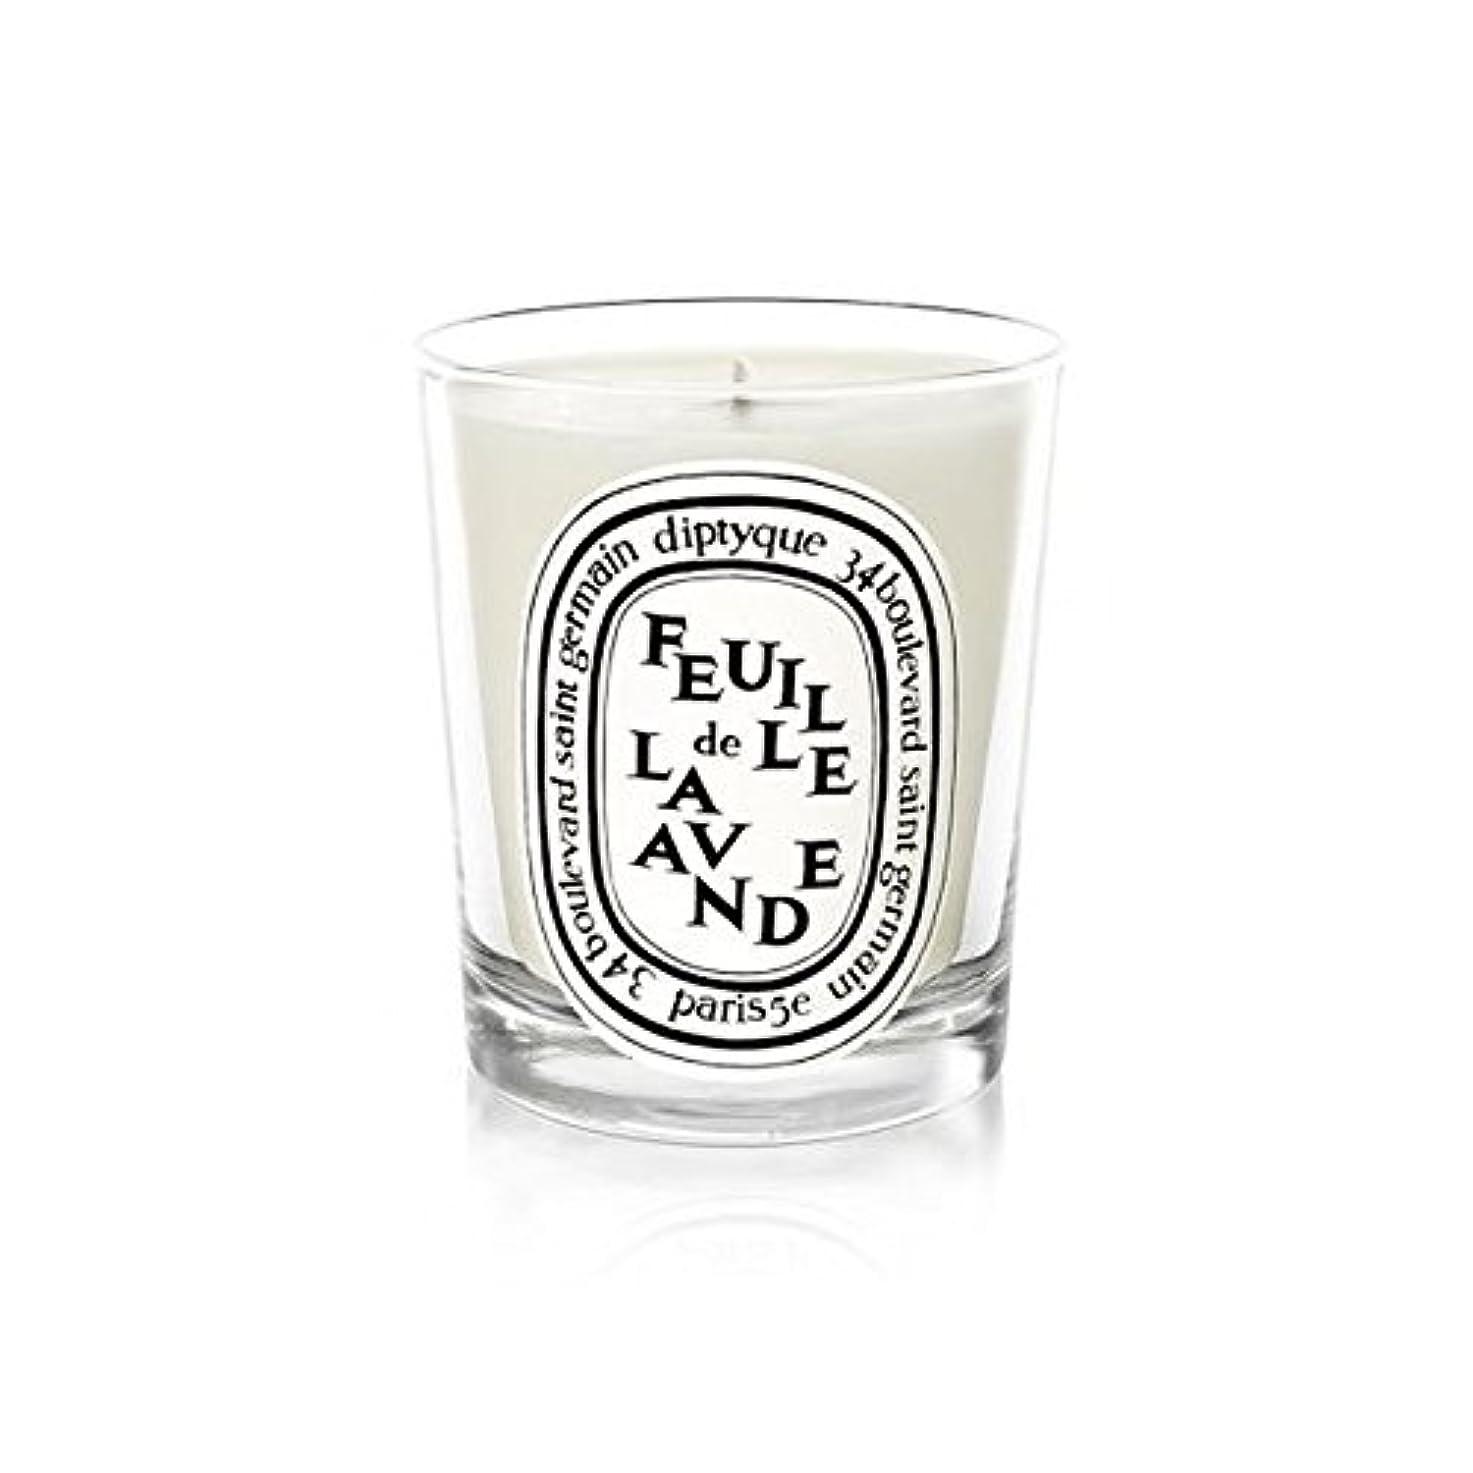 フレット彼自身砂DiptyqueキャンドルFeuilleデラバンデ/ラベンダーの葉70グラム - Diptyque Candle Feuille De Lavande / Lavender Leaf 70g (Diptyque) [並行輸入品]